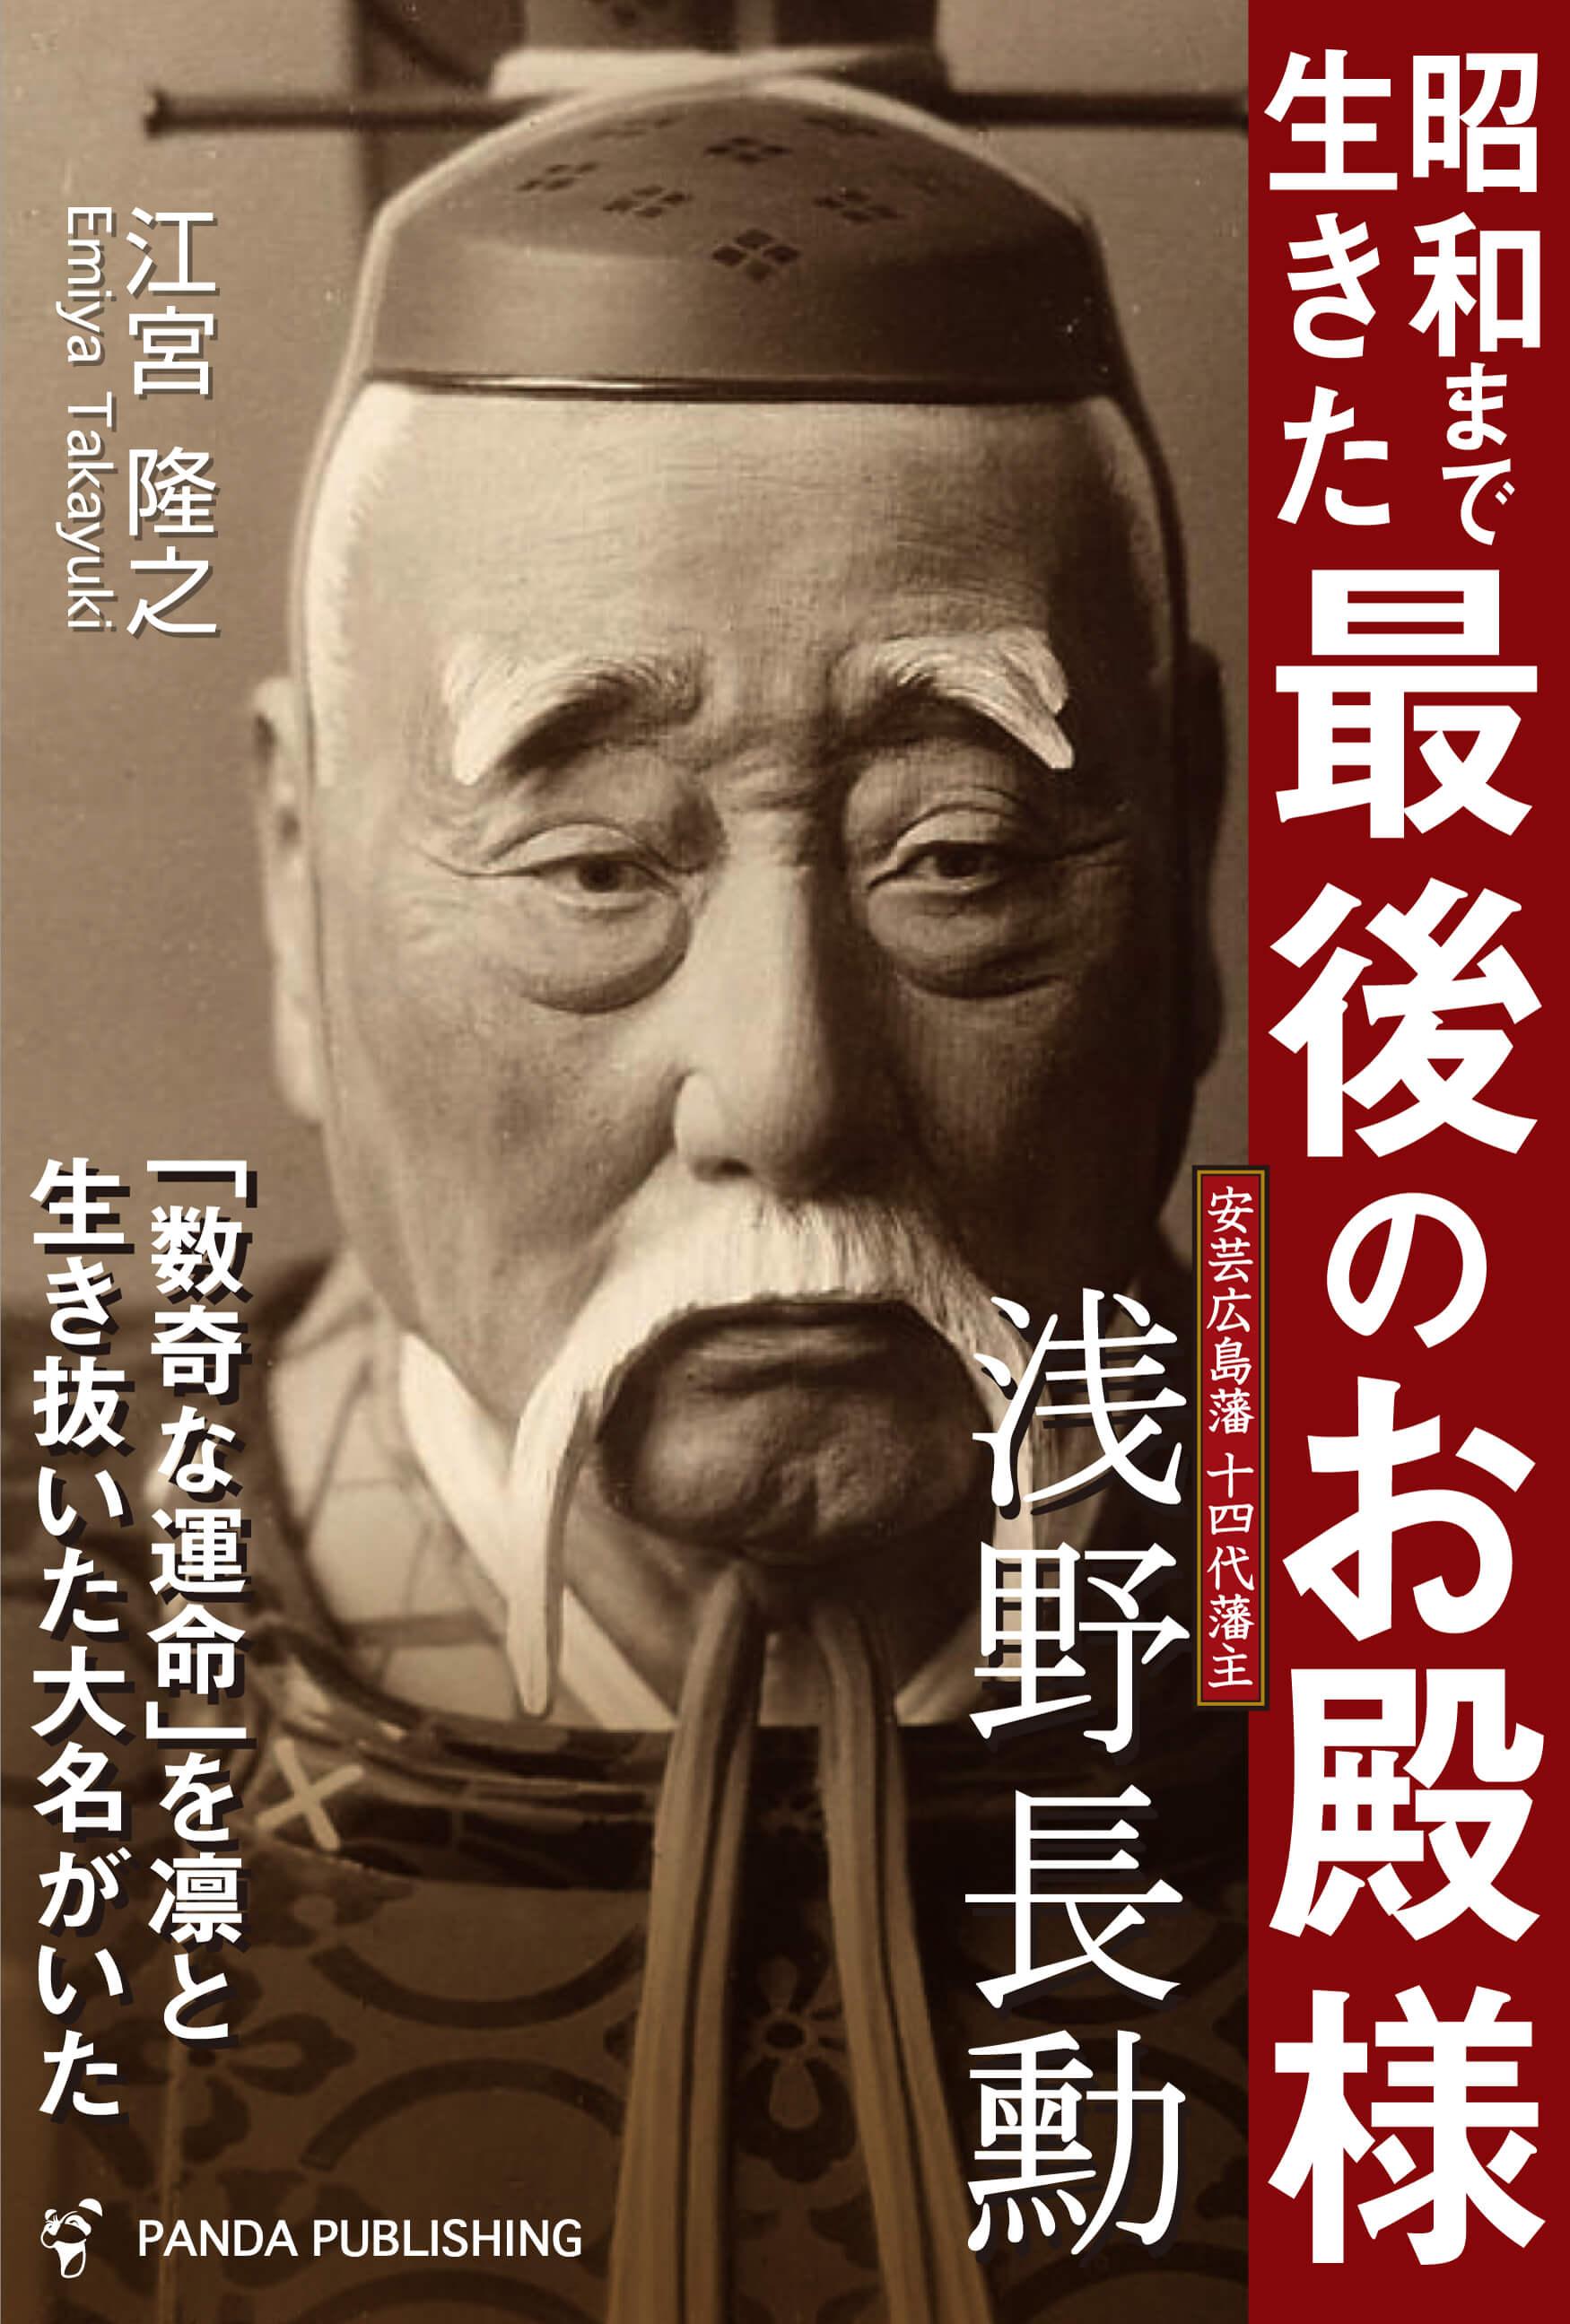 昭和まで生きた「最後のお殿様」浅野長勲のイメージ